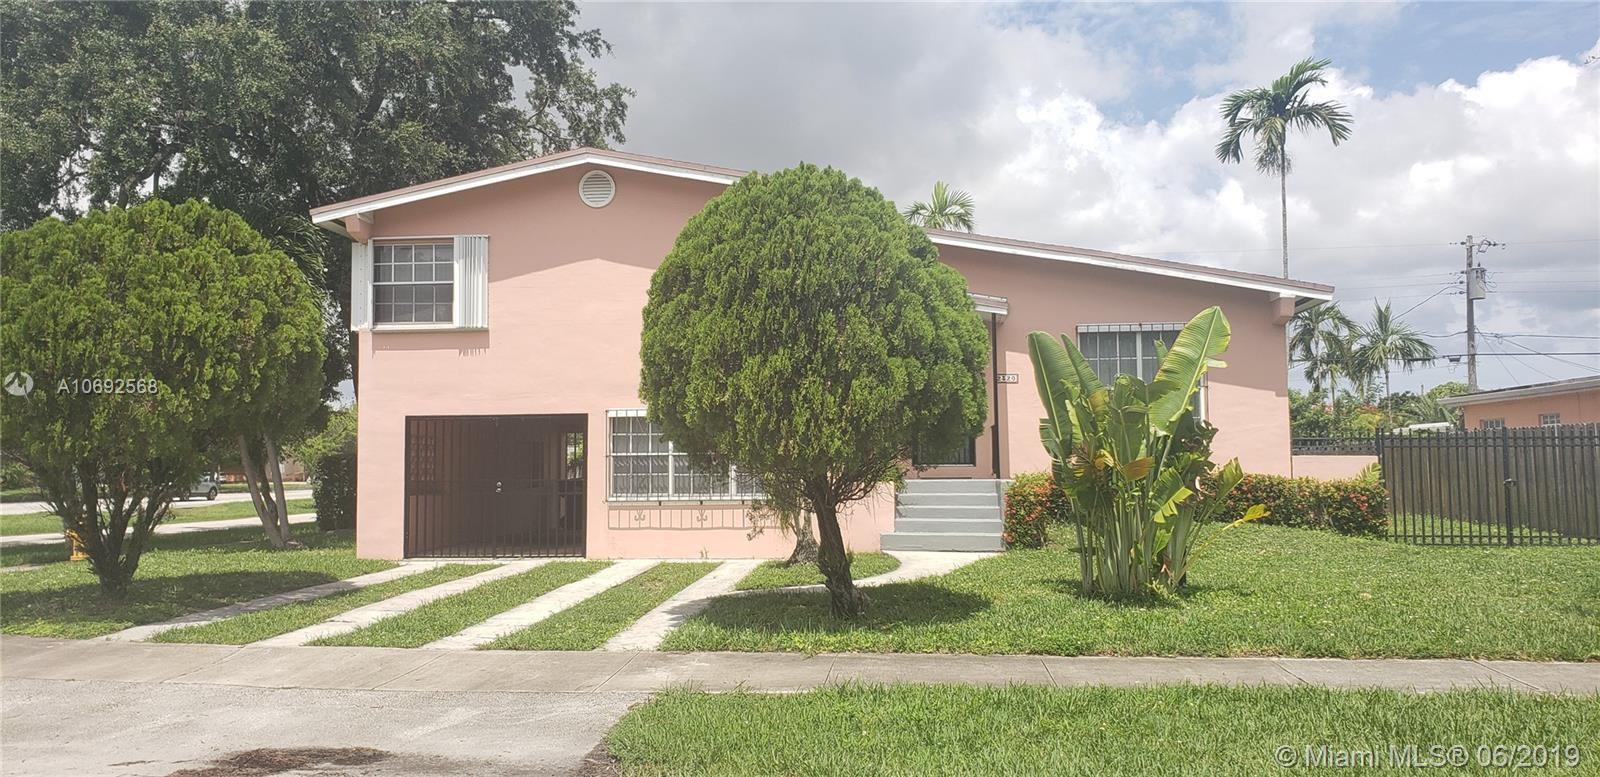 2320 SW 79th Ct, Miami, FL 33155